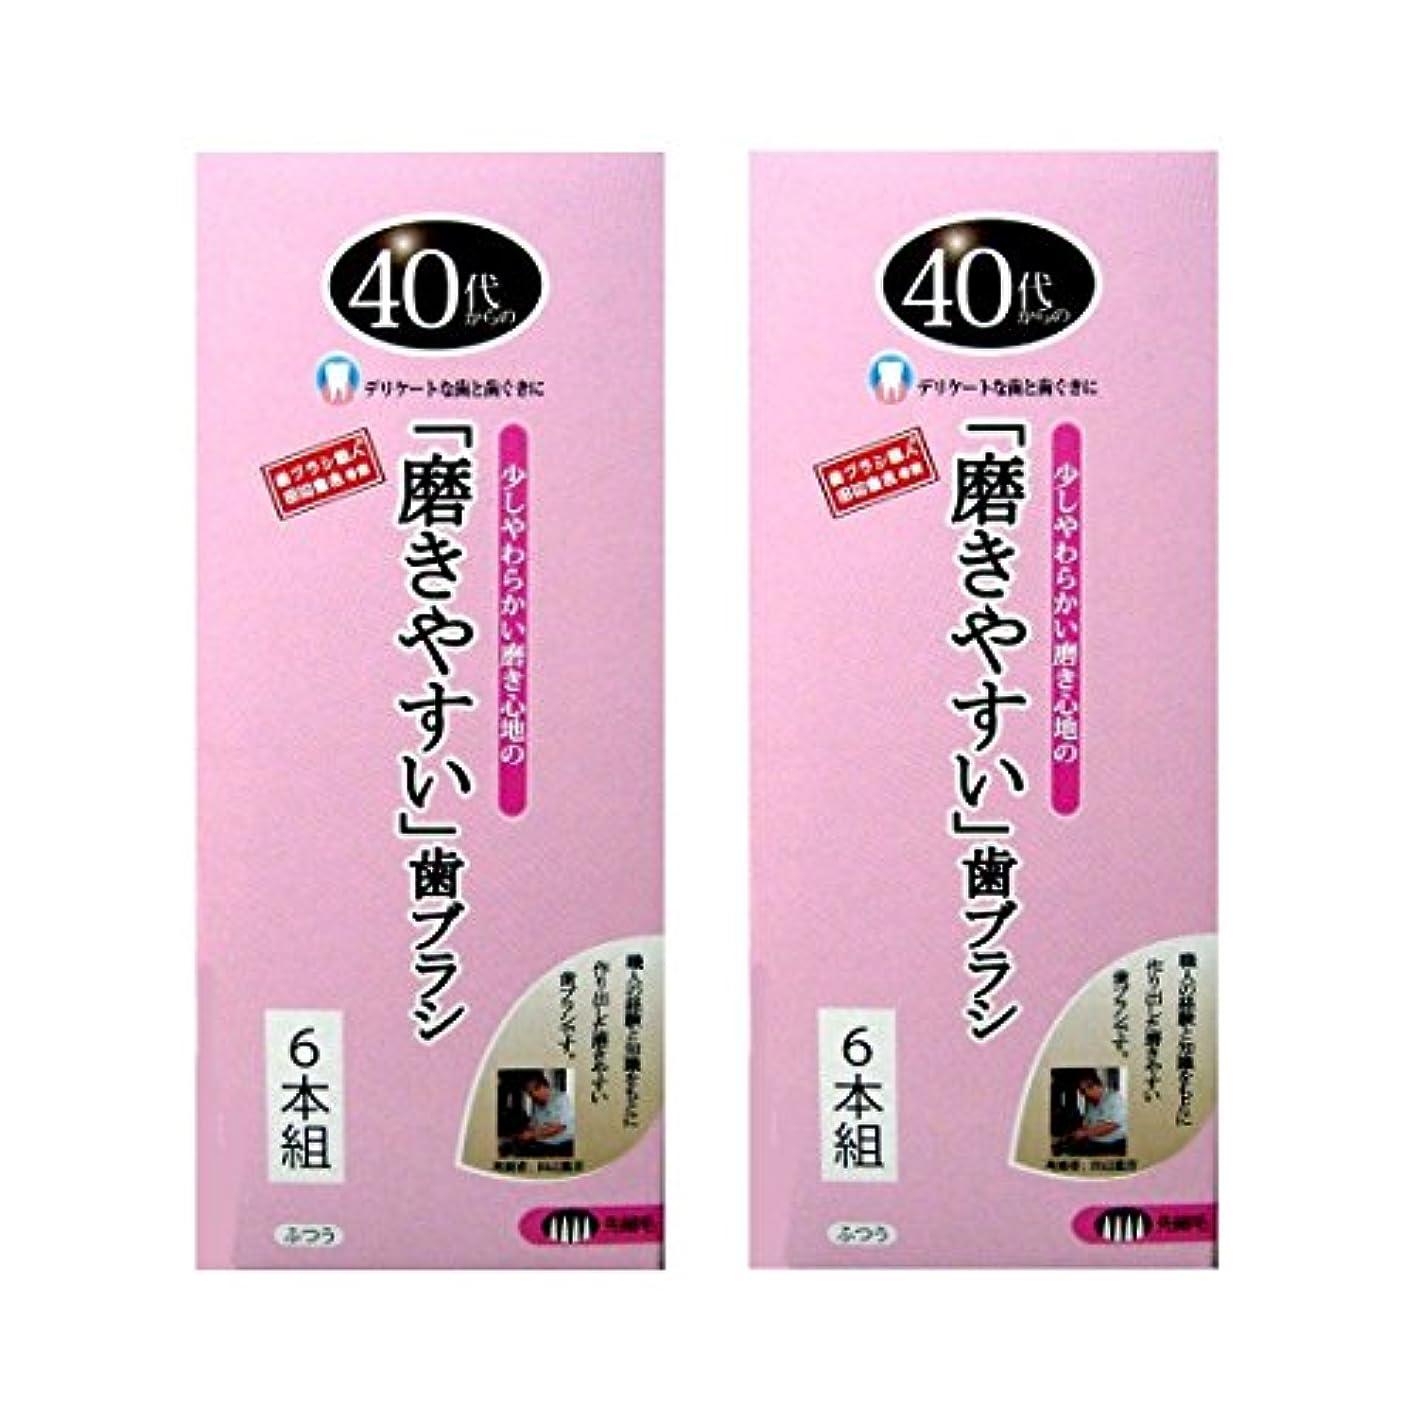 表示共感する擁する歯ブラシ職人 田辺重吉考案 40代からの磨きやすい歯ブラシ 先細 6本組×2個セット